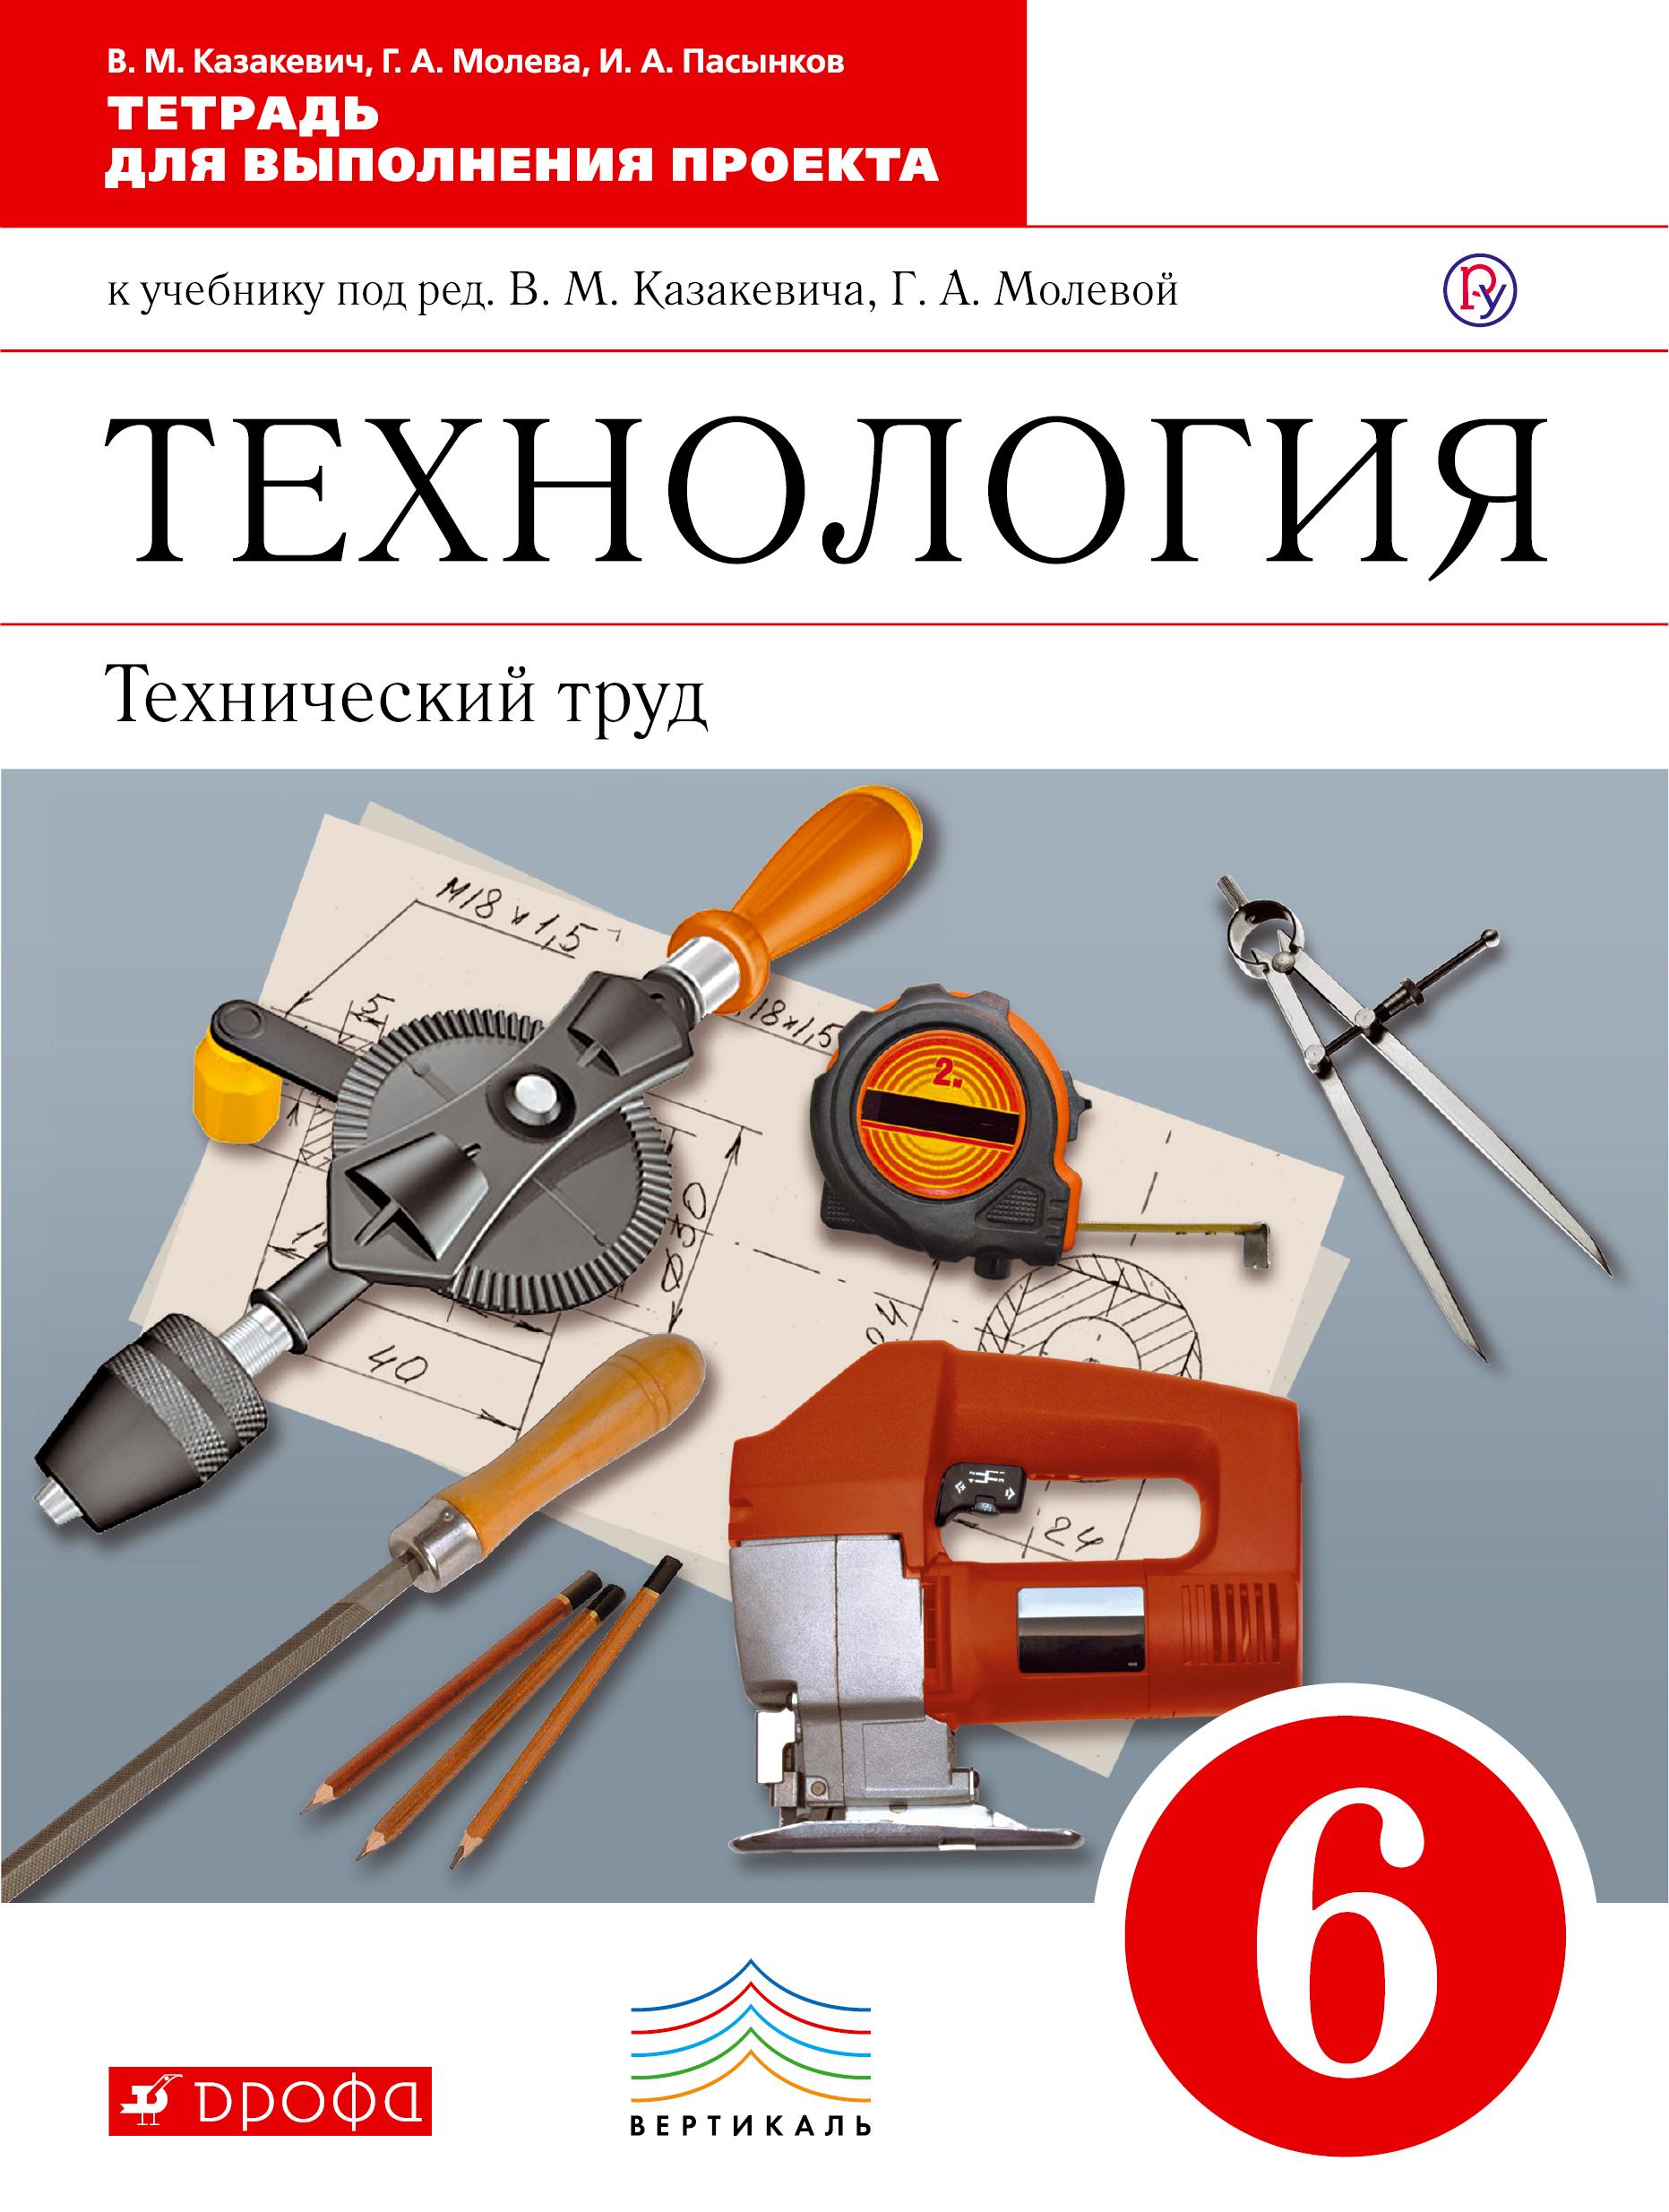 Технология. Технический труд. 6 класс. Тетрадь для выполнения проекта ( Казакевич В.М., Молева Г.А., Пасынков И.А.  )